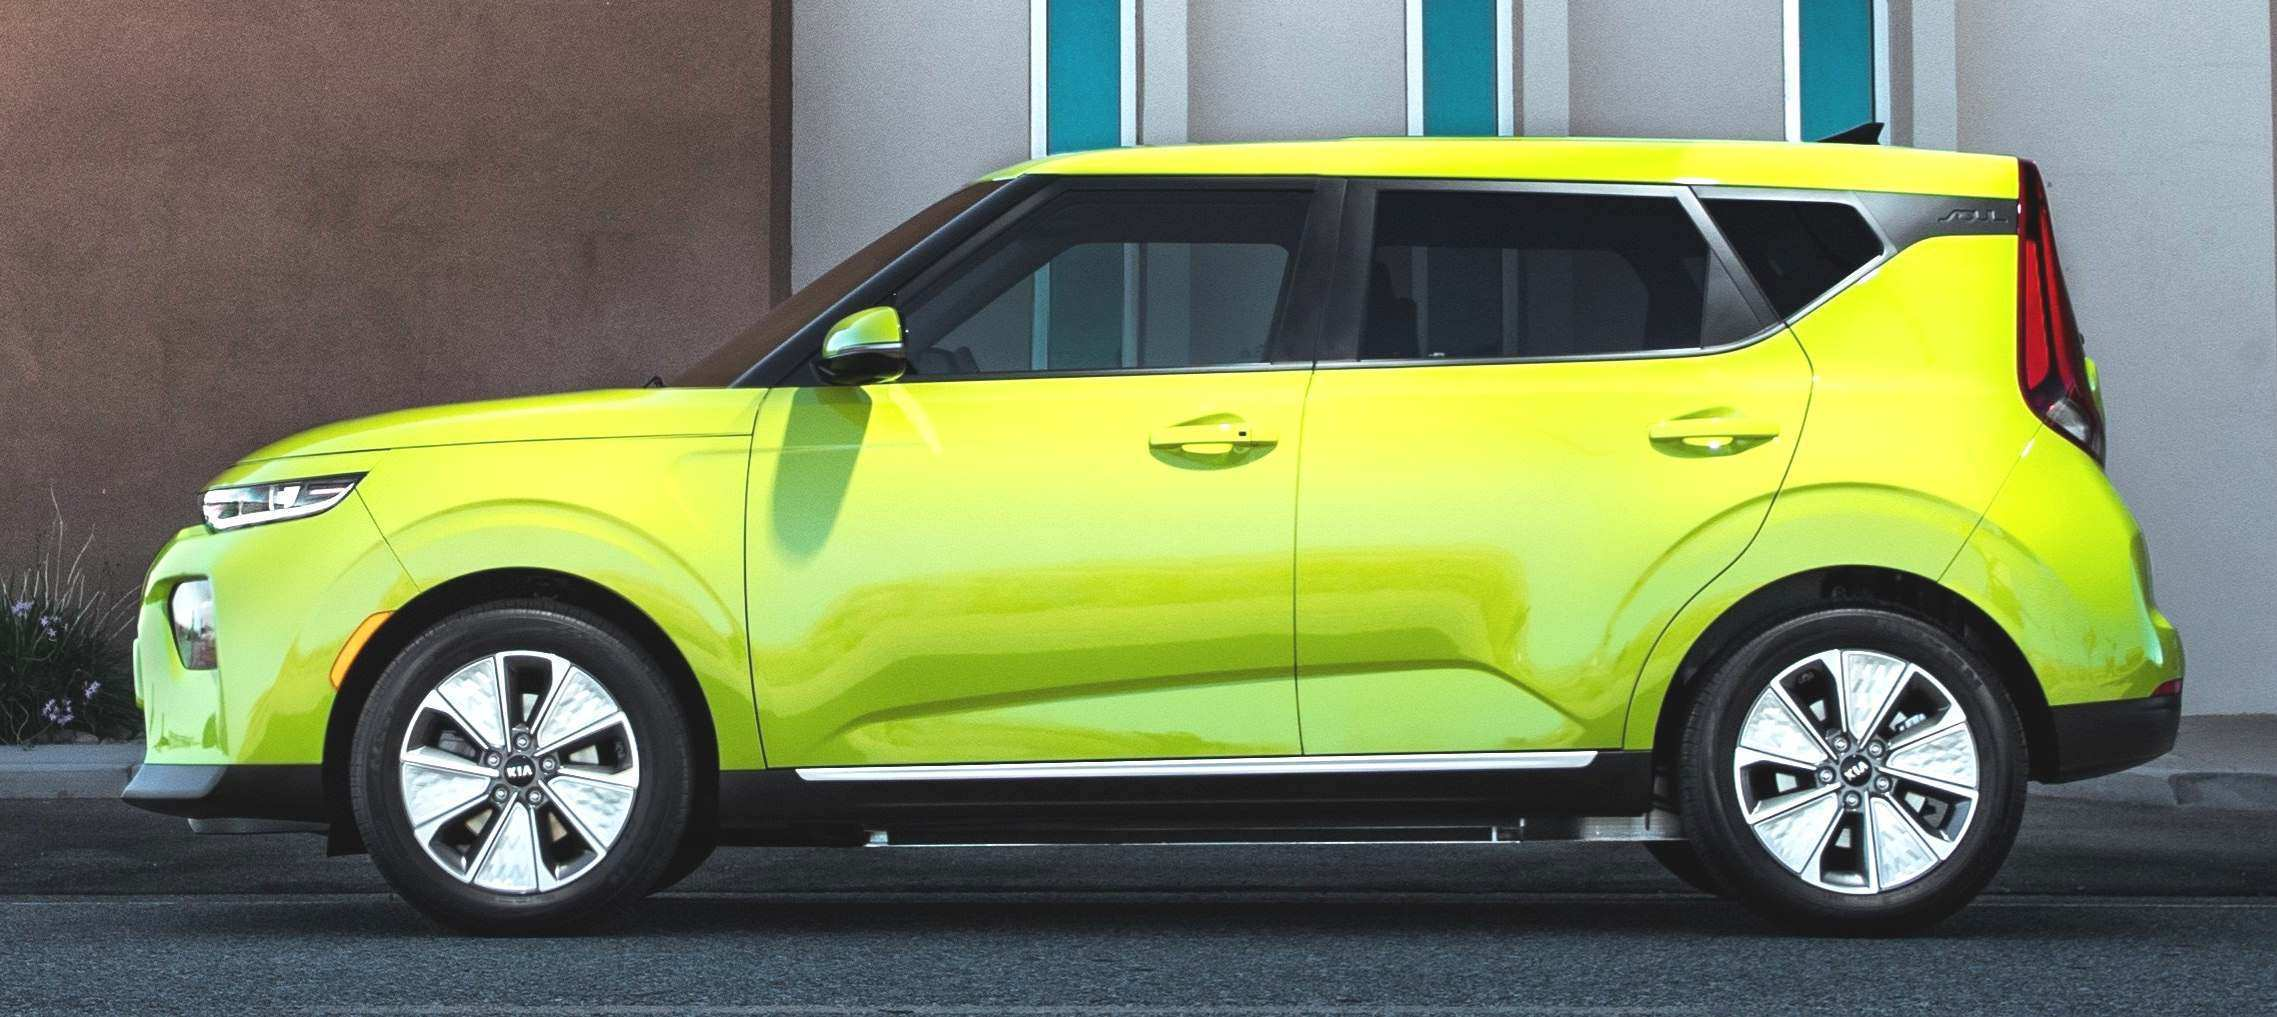 44 Concept of Kia Soul Ev 2020 Release with Kia Soul Ev 2020